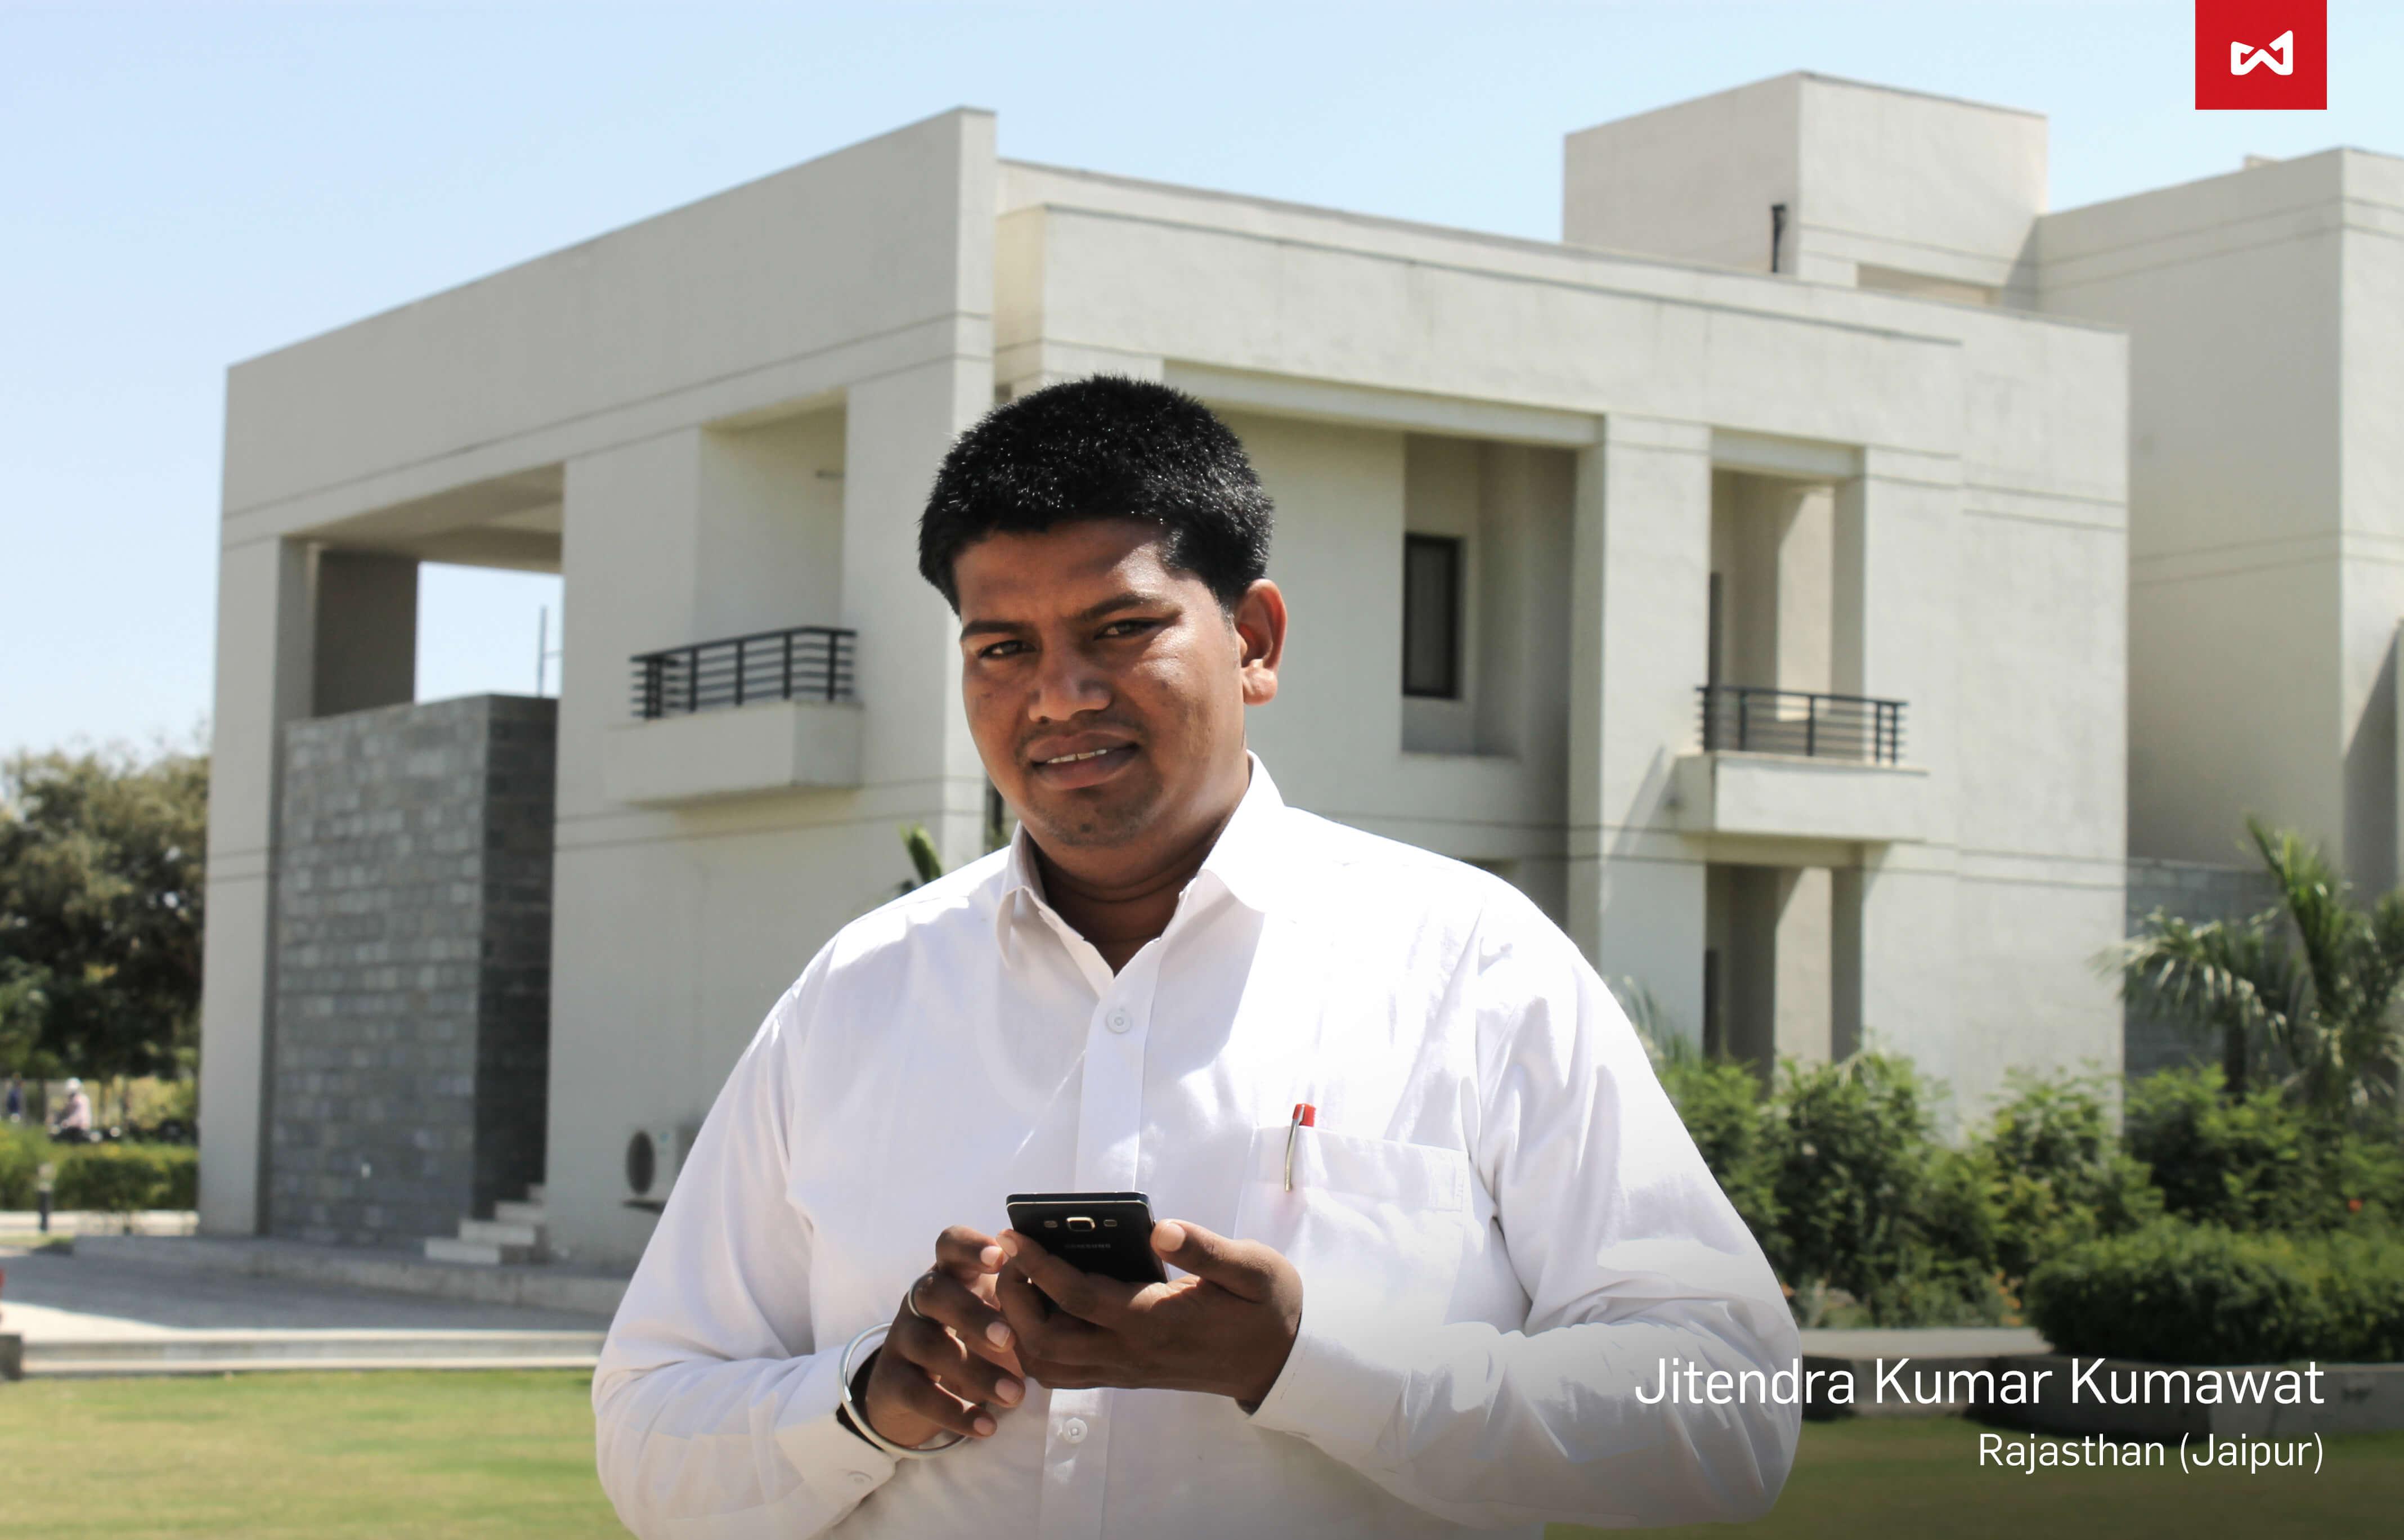 Jitendra Kumar Kumawat